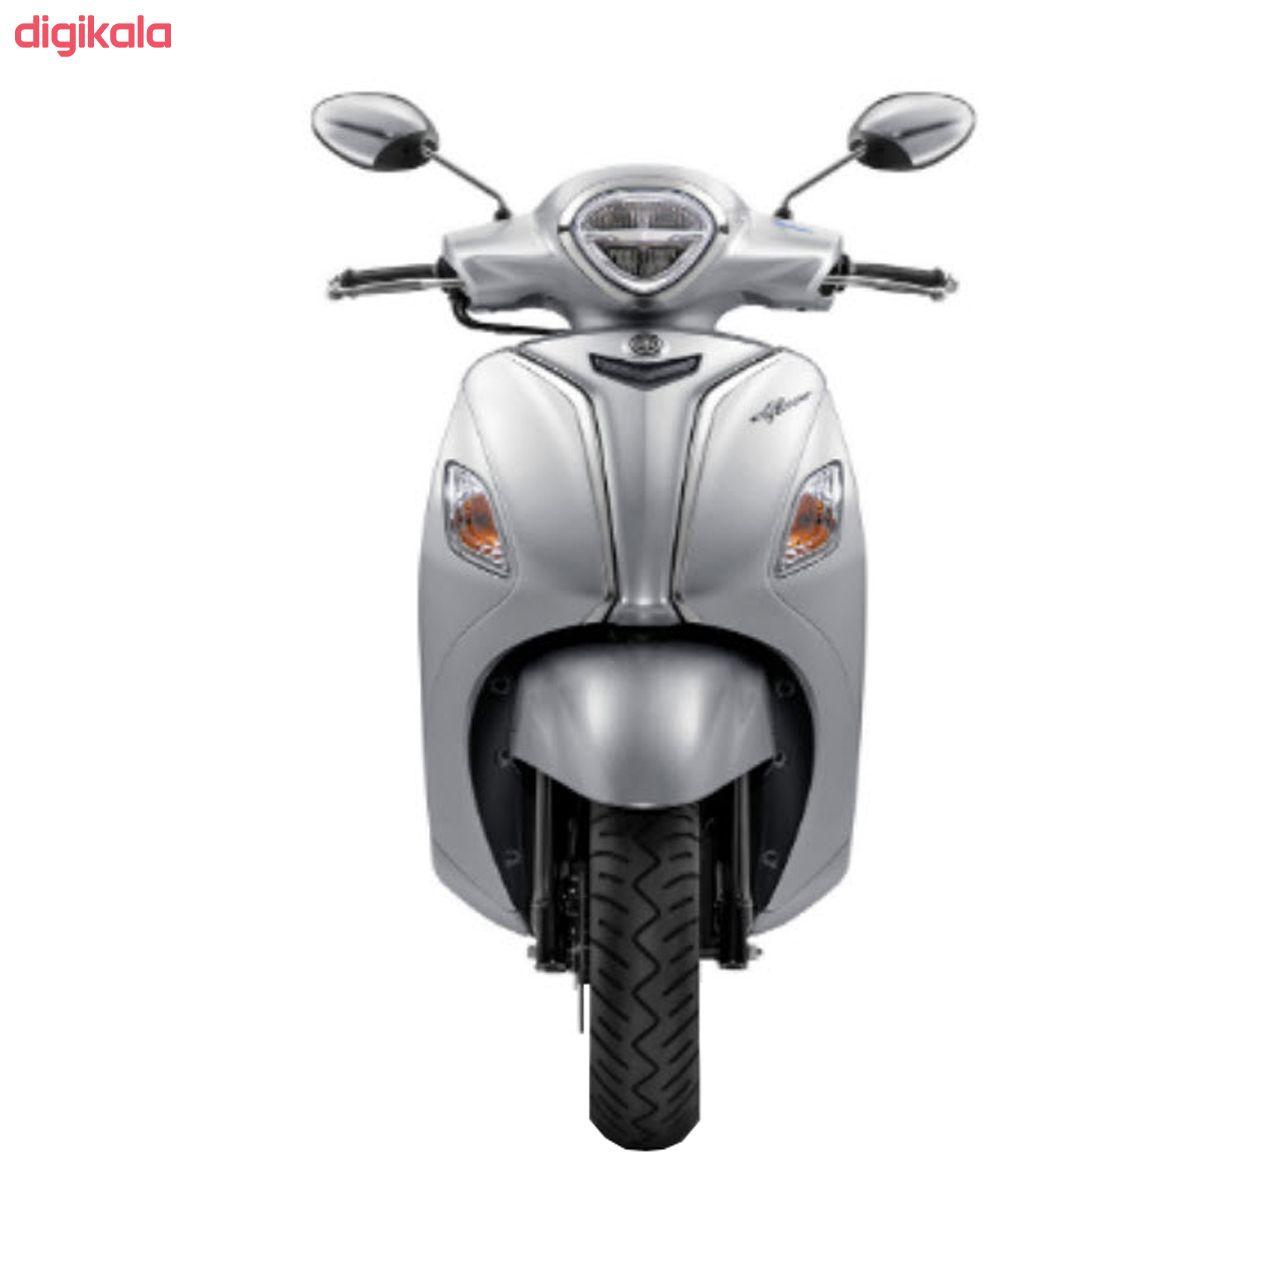 موتورسیکلت یاماها مدل GRAND FILANO استانداردحجم 125 سی سی سال 1399 main 1 1